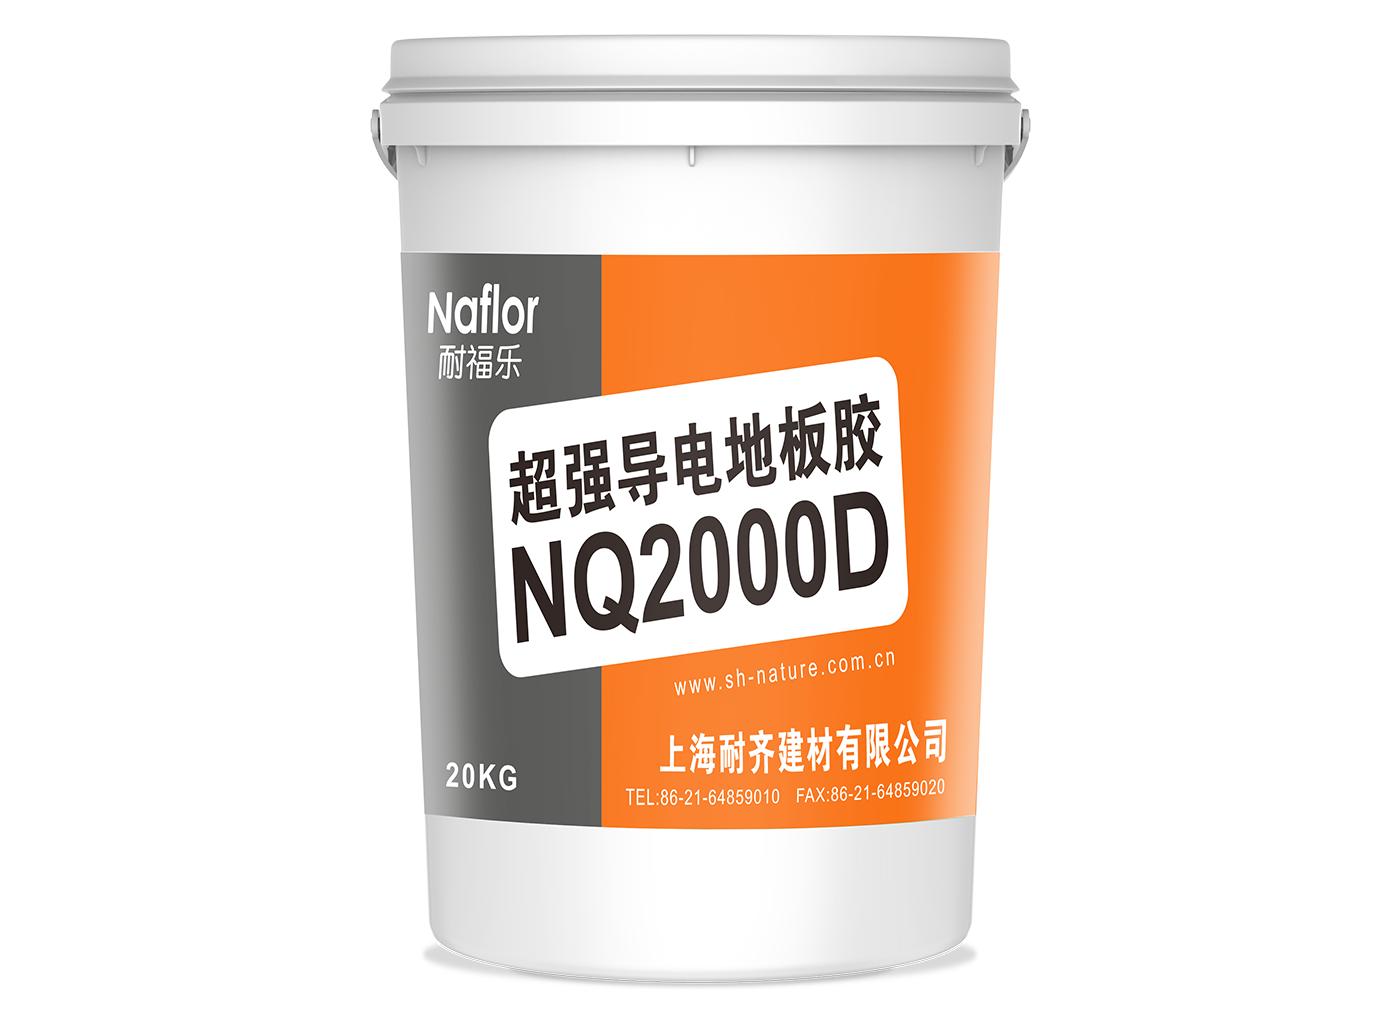 耐福乐®超强导电地板胶 NQ2000D